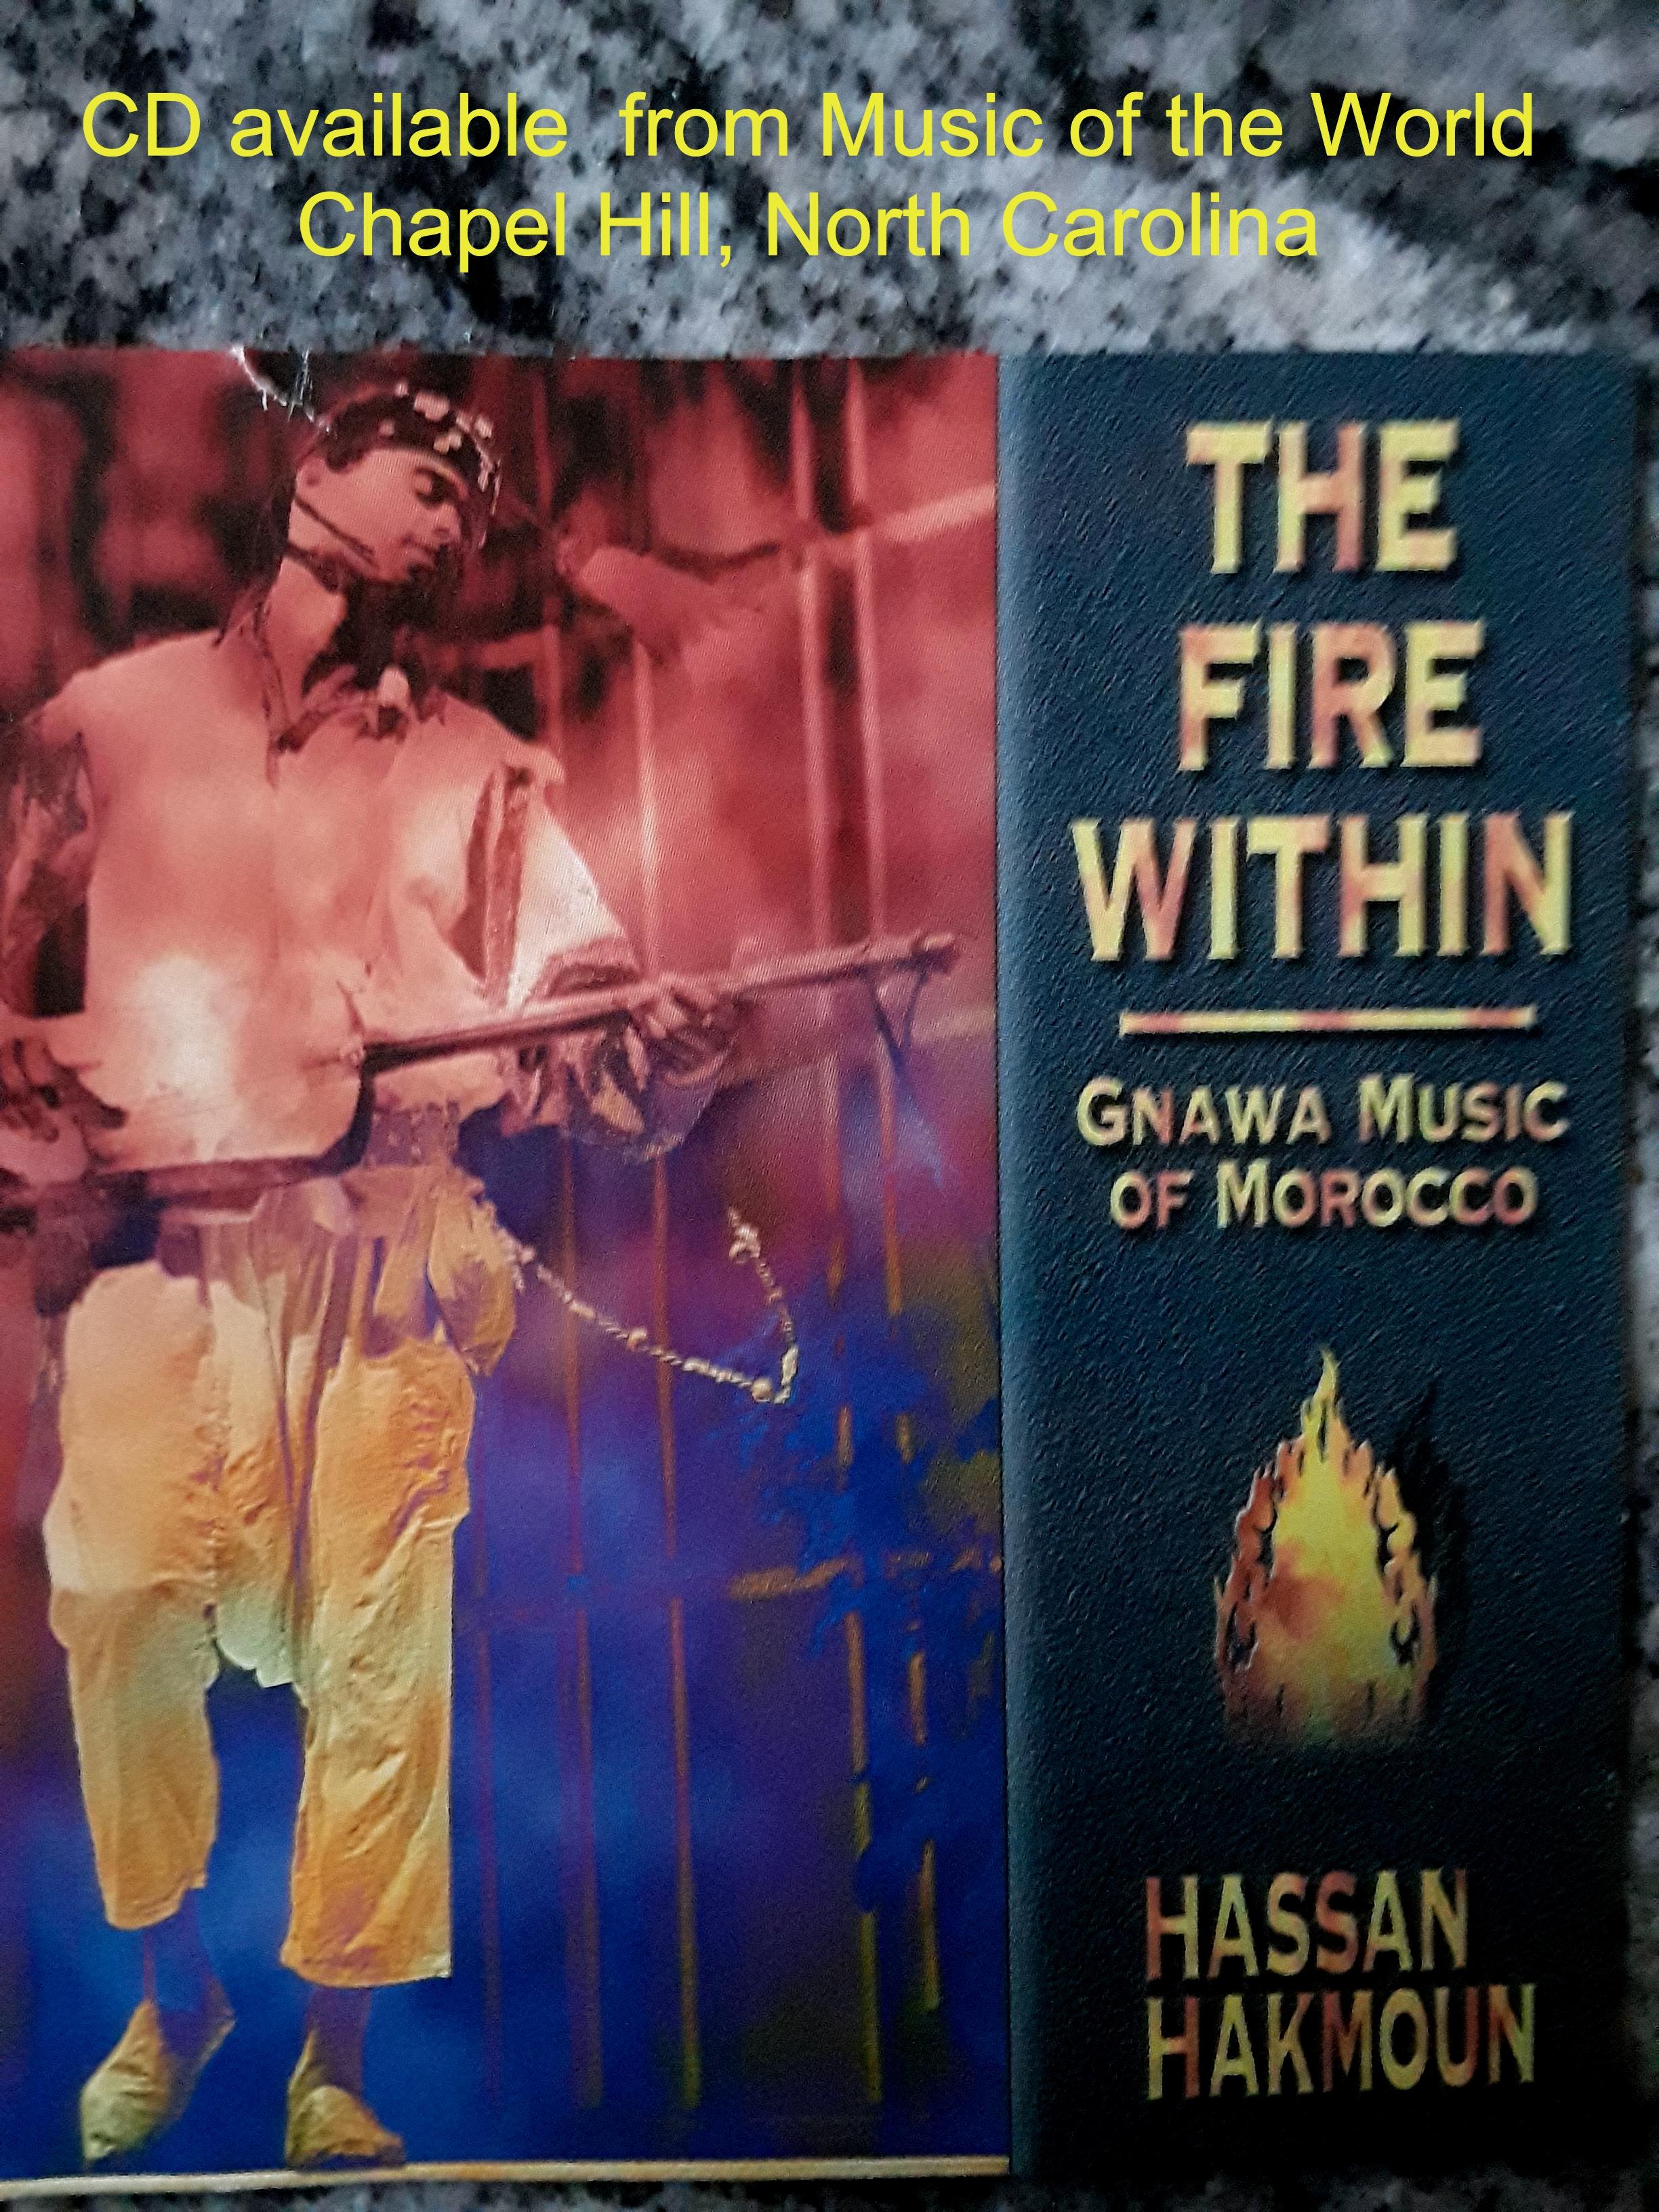 Gnawa - Hassan.jpg